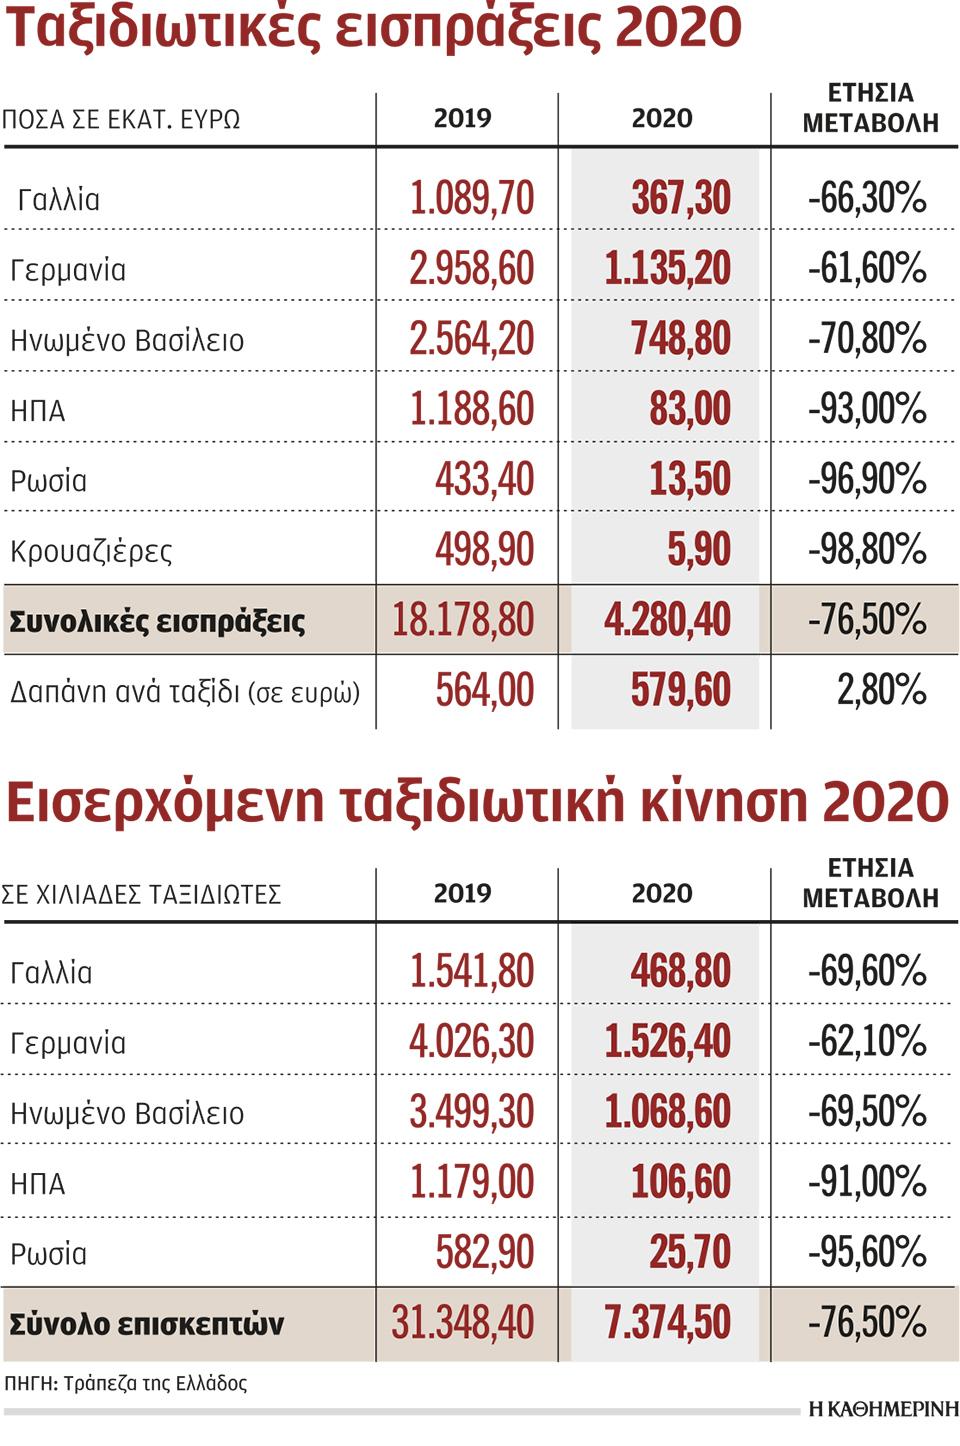 meiothikan-sta-7-3-ekat-oi-toyristes-to-20200